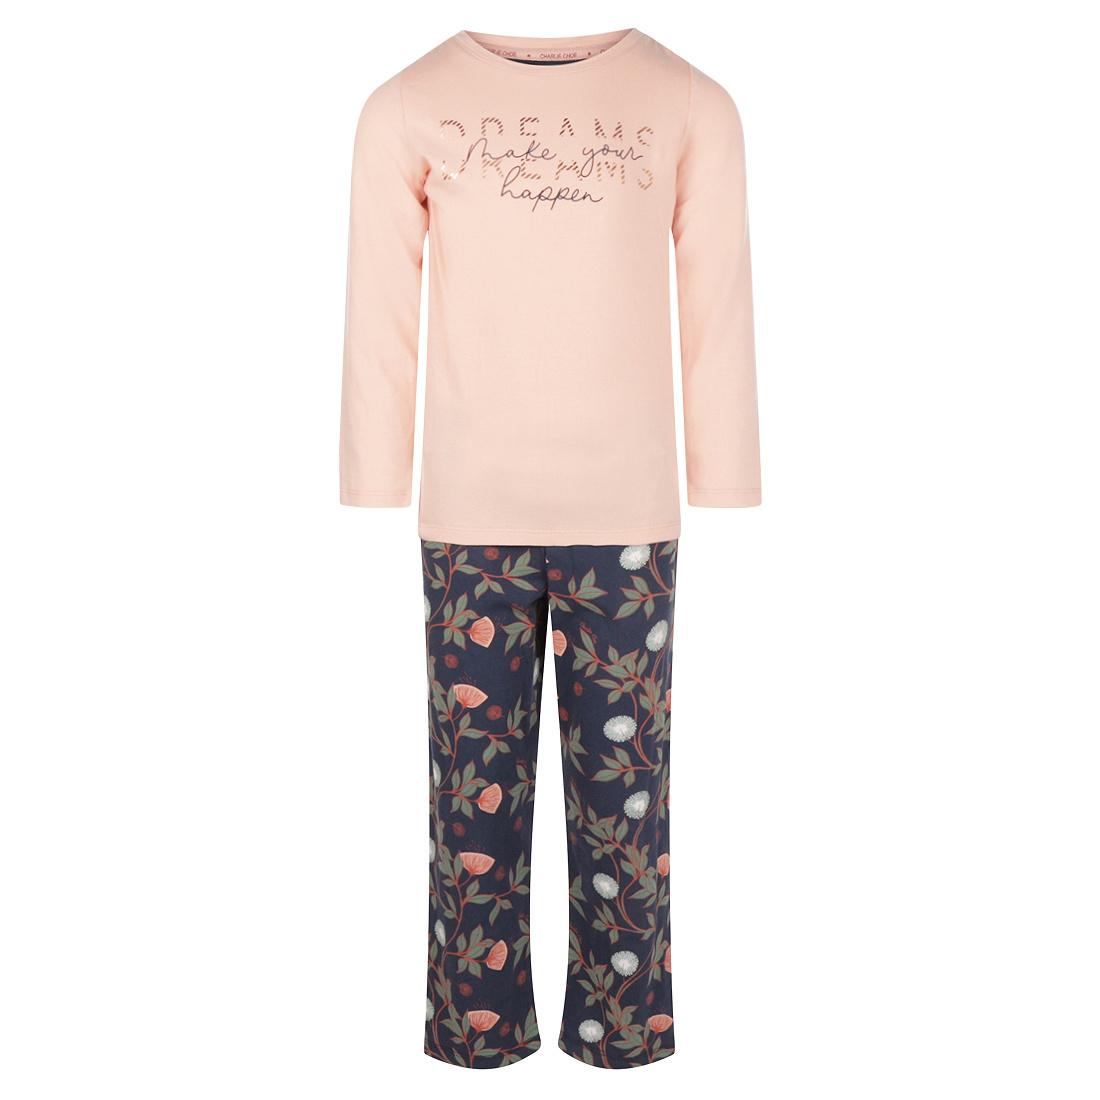 Make Your Dreams Happen Girls Loungewear Set